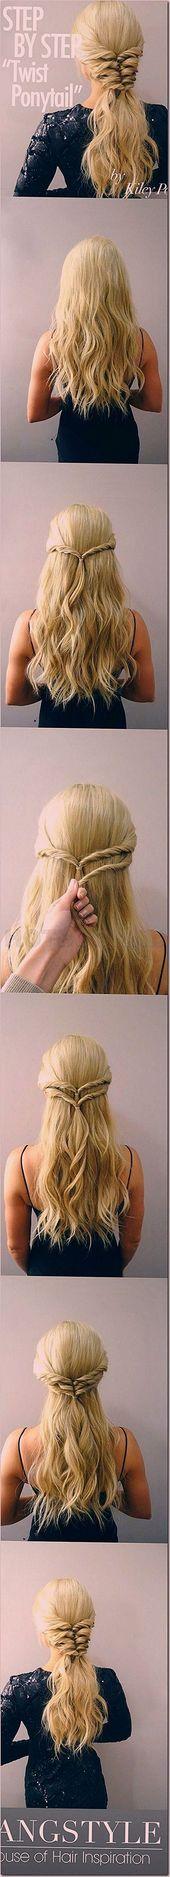 VISIT FOR MORE  Frisuren der Frauen kurz mittlerer Schnitt mit Pony kurzer Haarschnitt für junge Mädchen leichte Frisuren für dünnes Haar schöne …